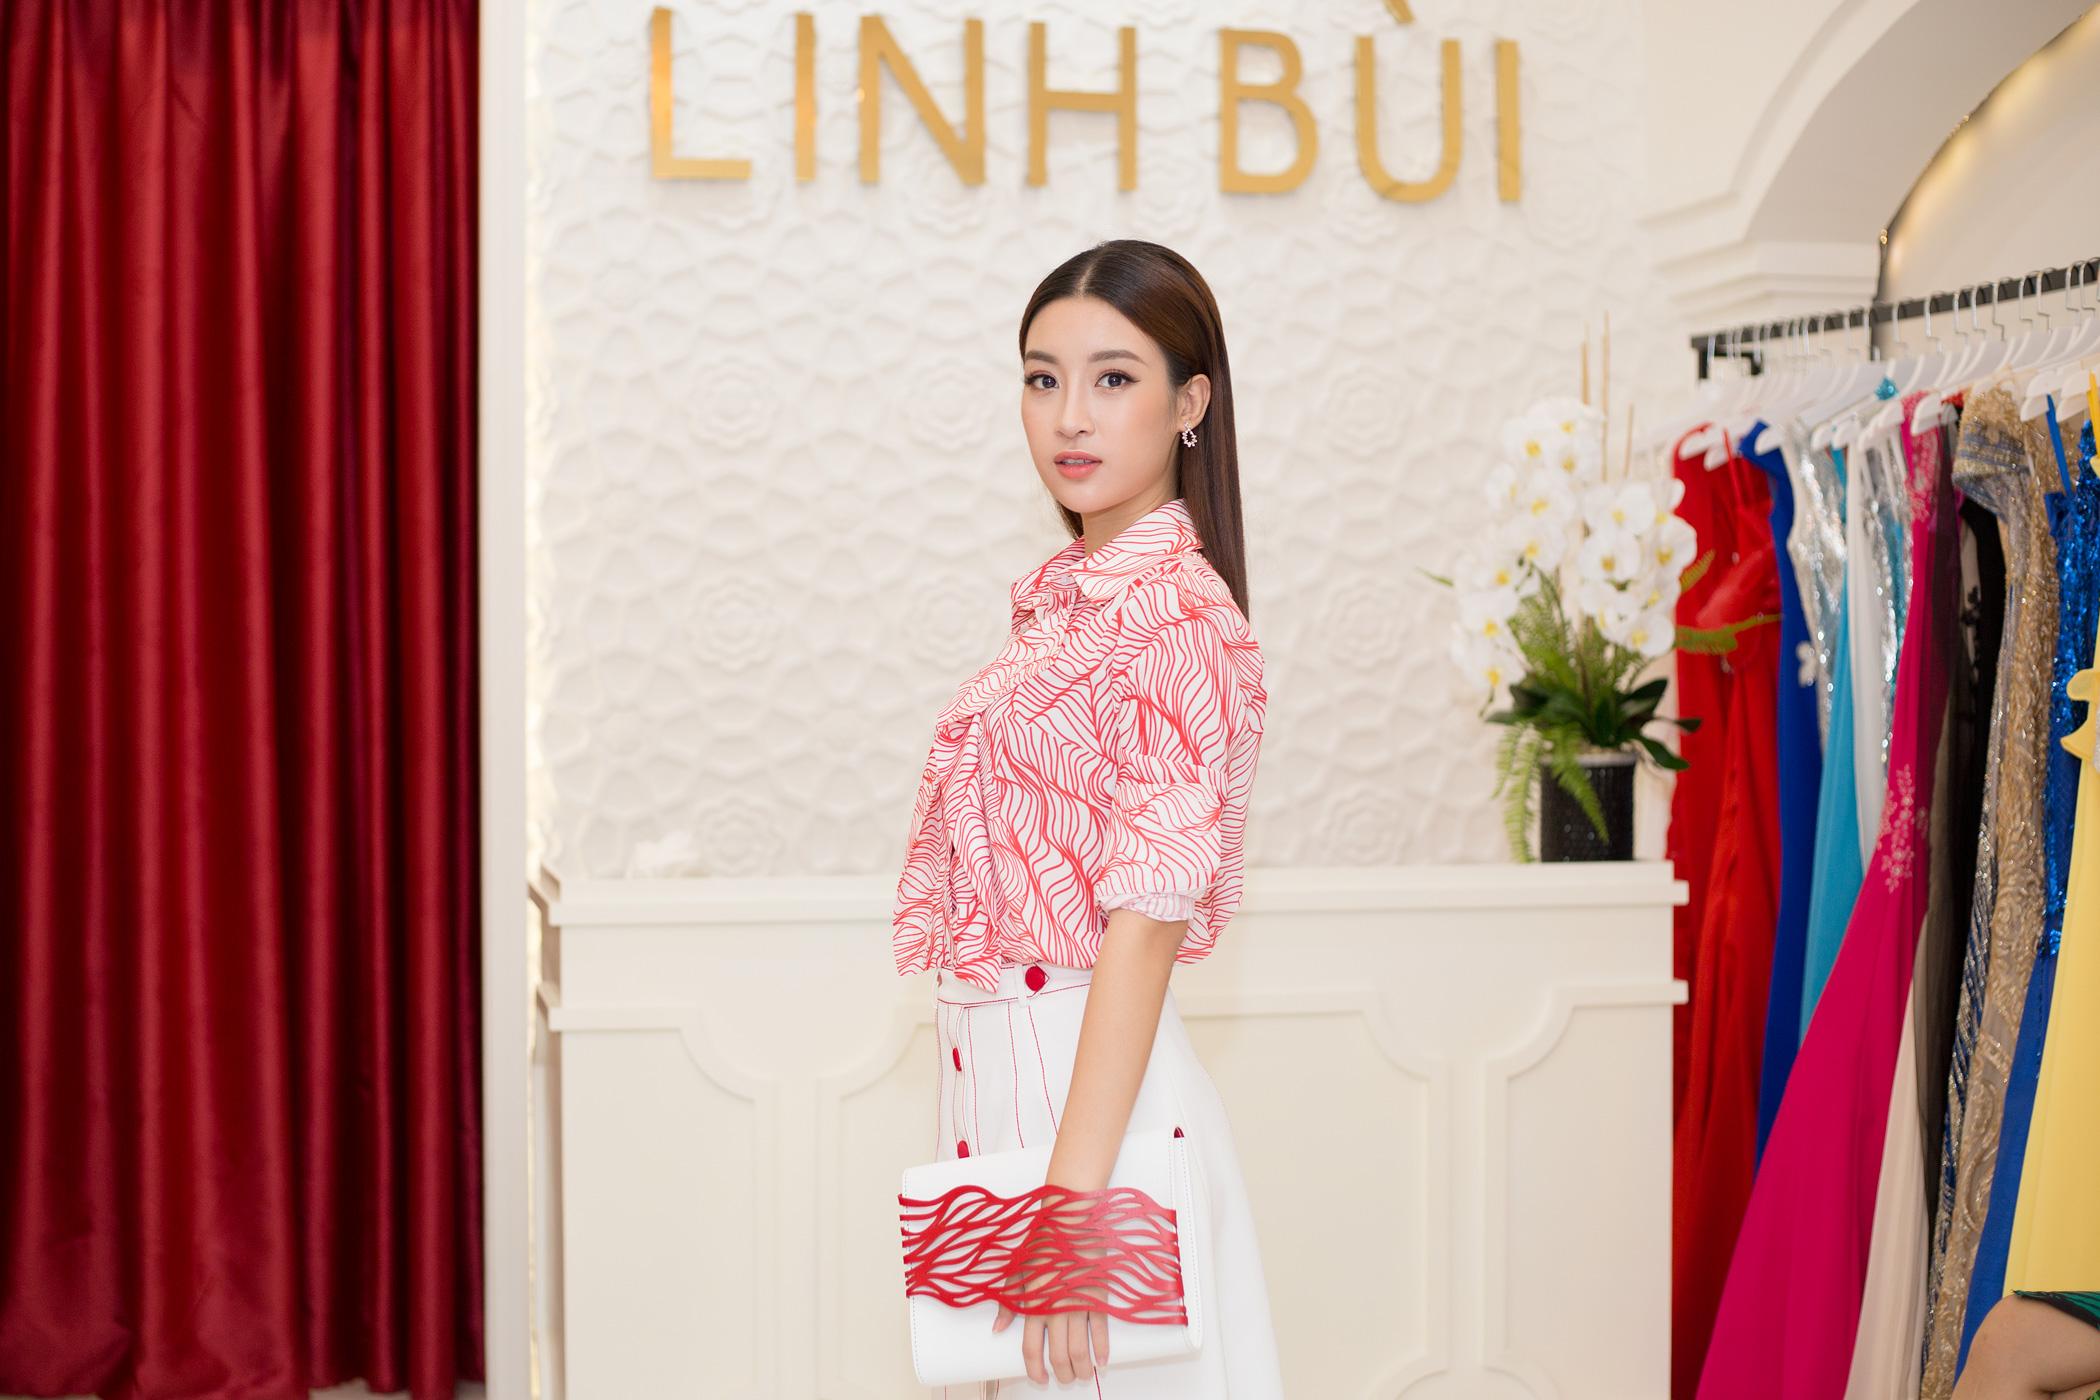 Hoa hậu Đỗ Mỹ Linh ăn mặc kín đáo, giản dị vẫn đẹp rạng rỡ